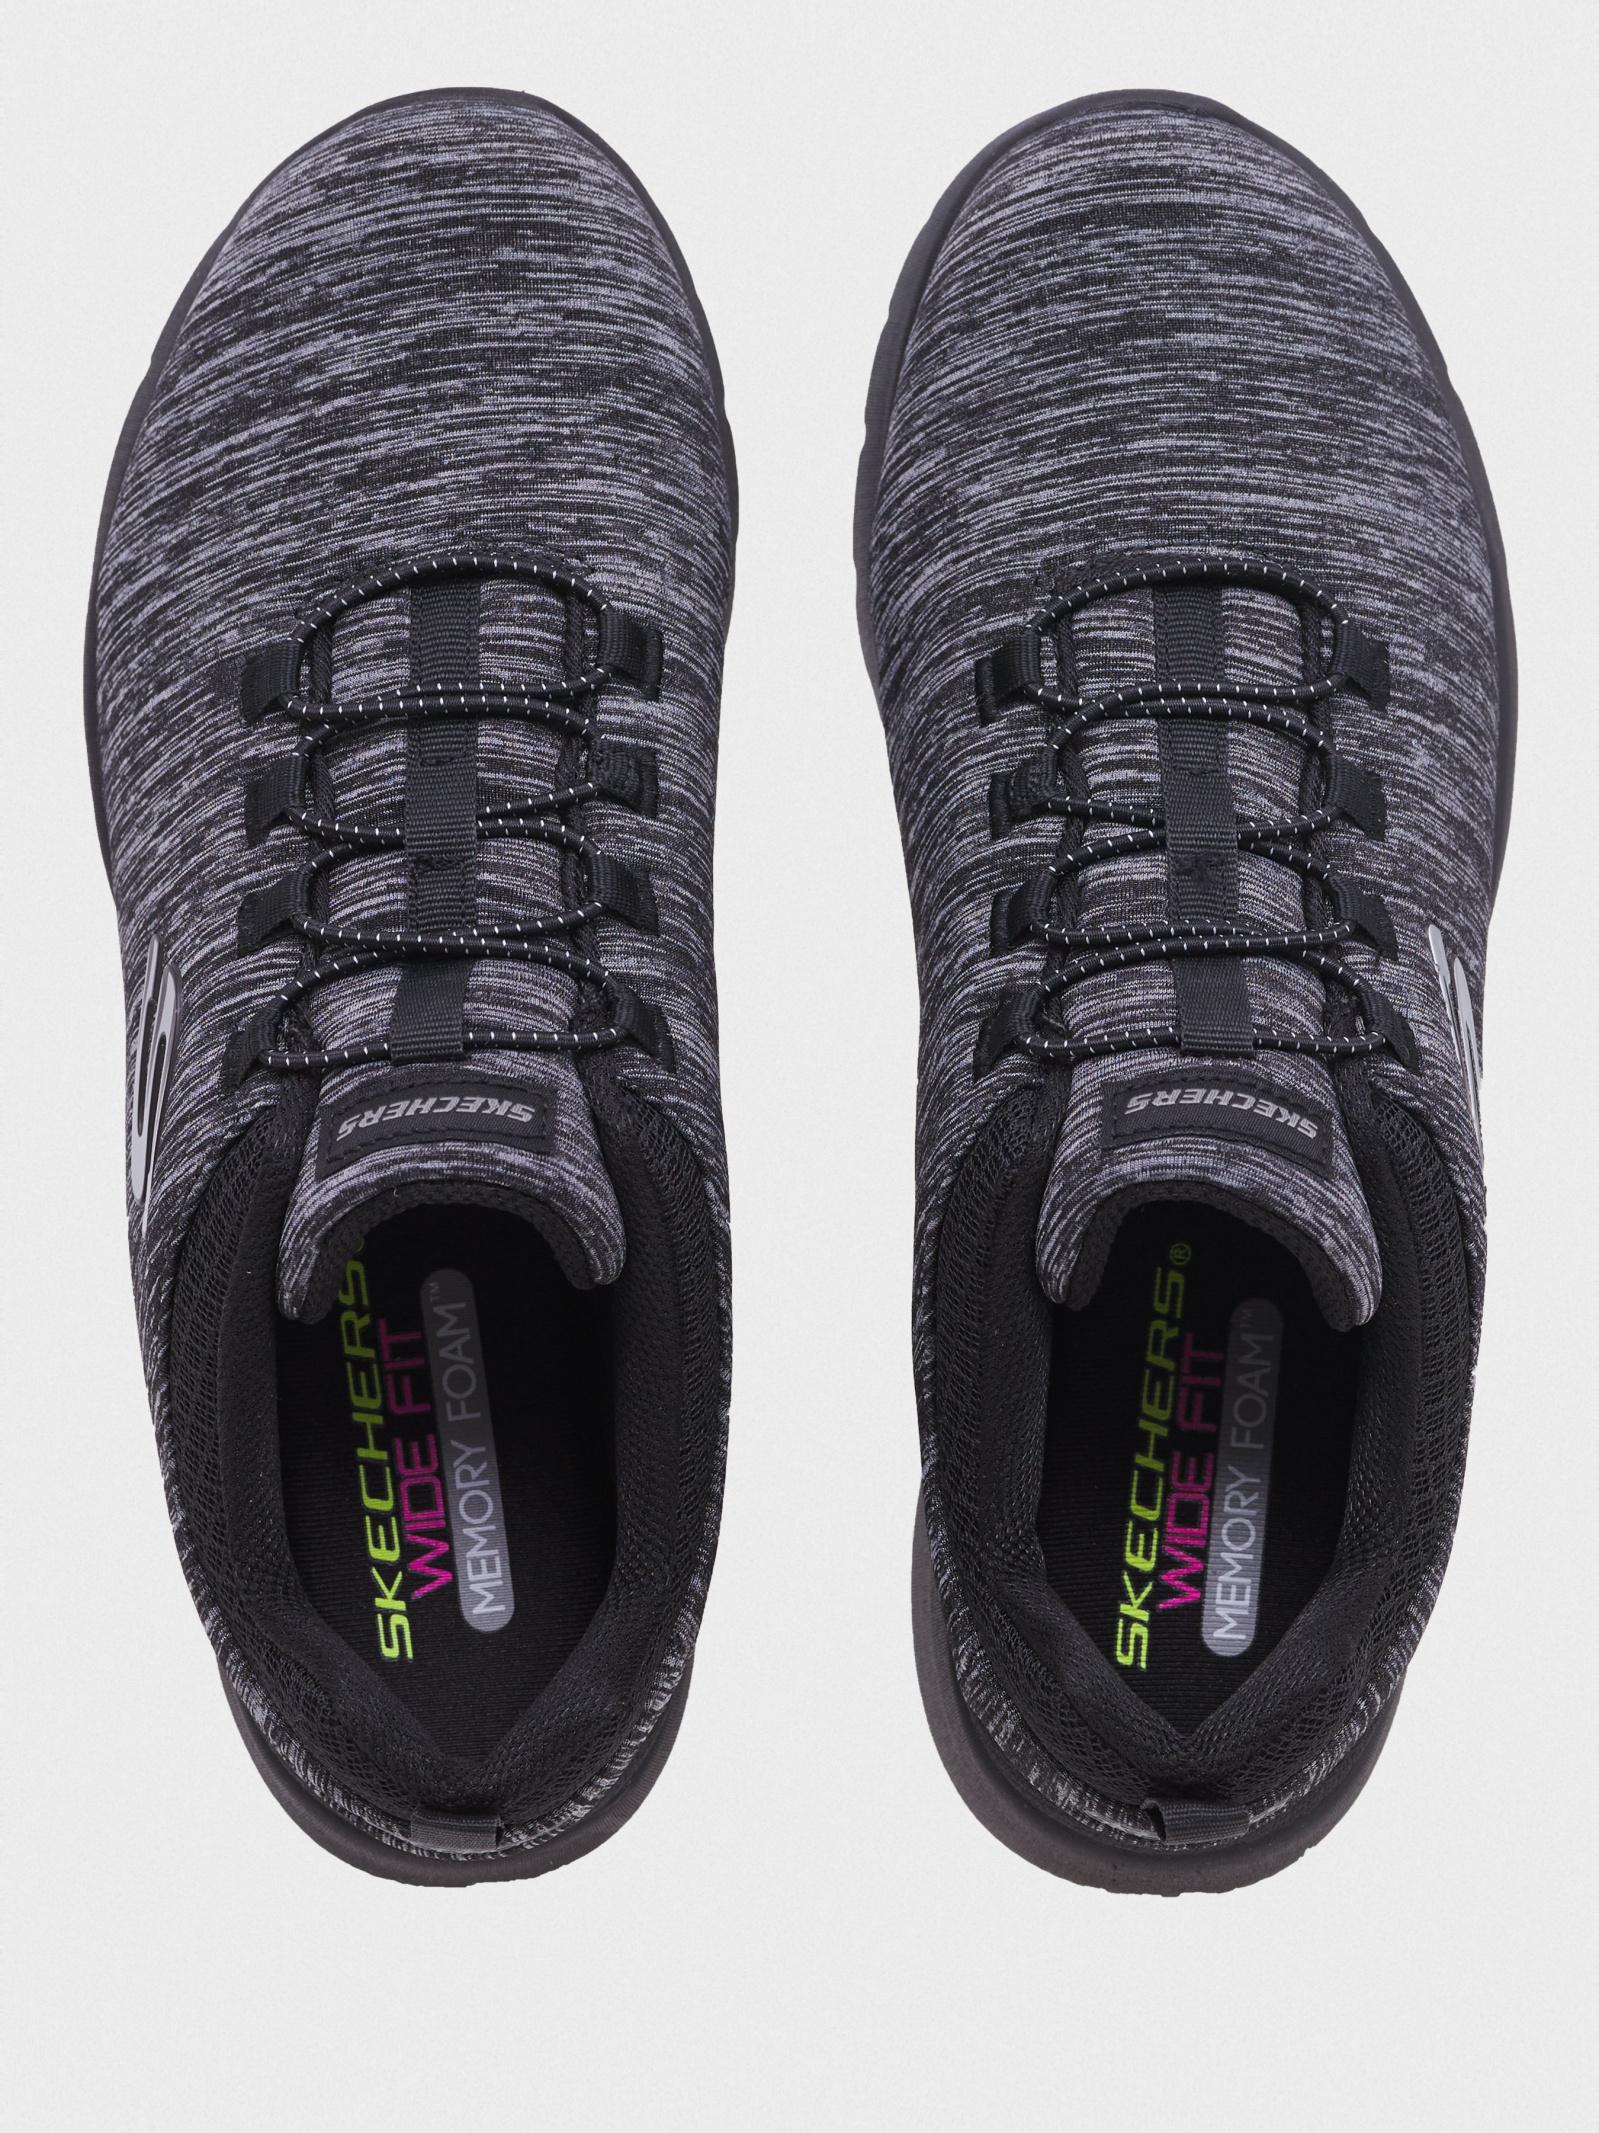 Кроссовки для женщин Skechers Dynamight KW5724 фото, купить, 2017